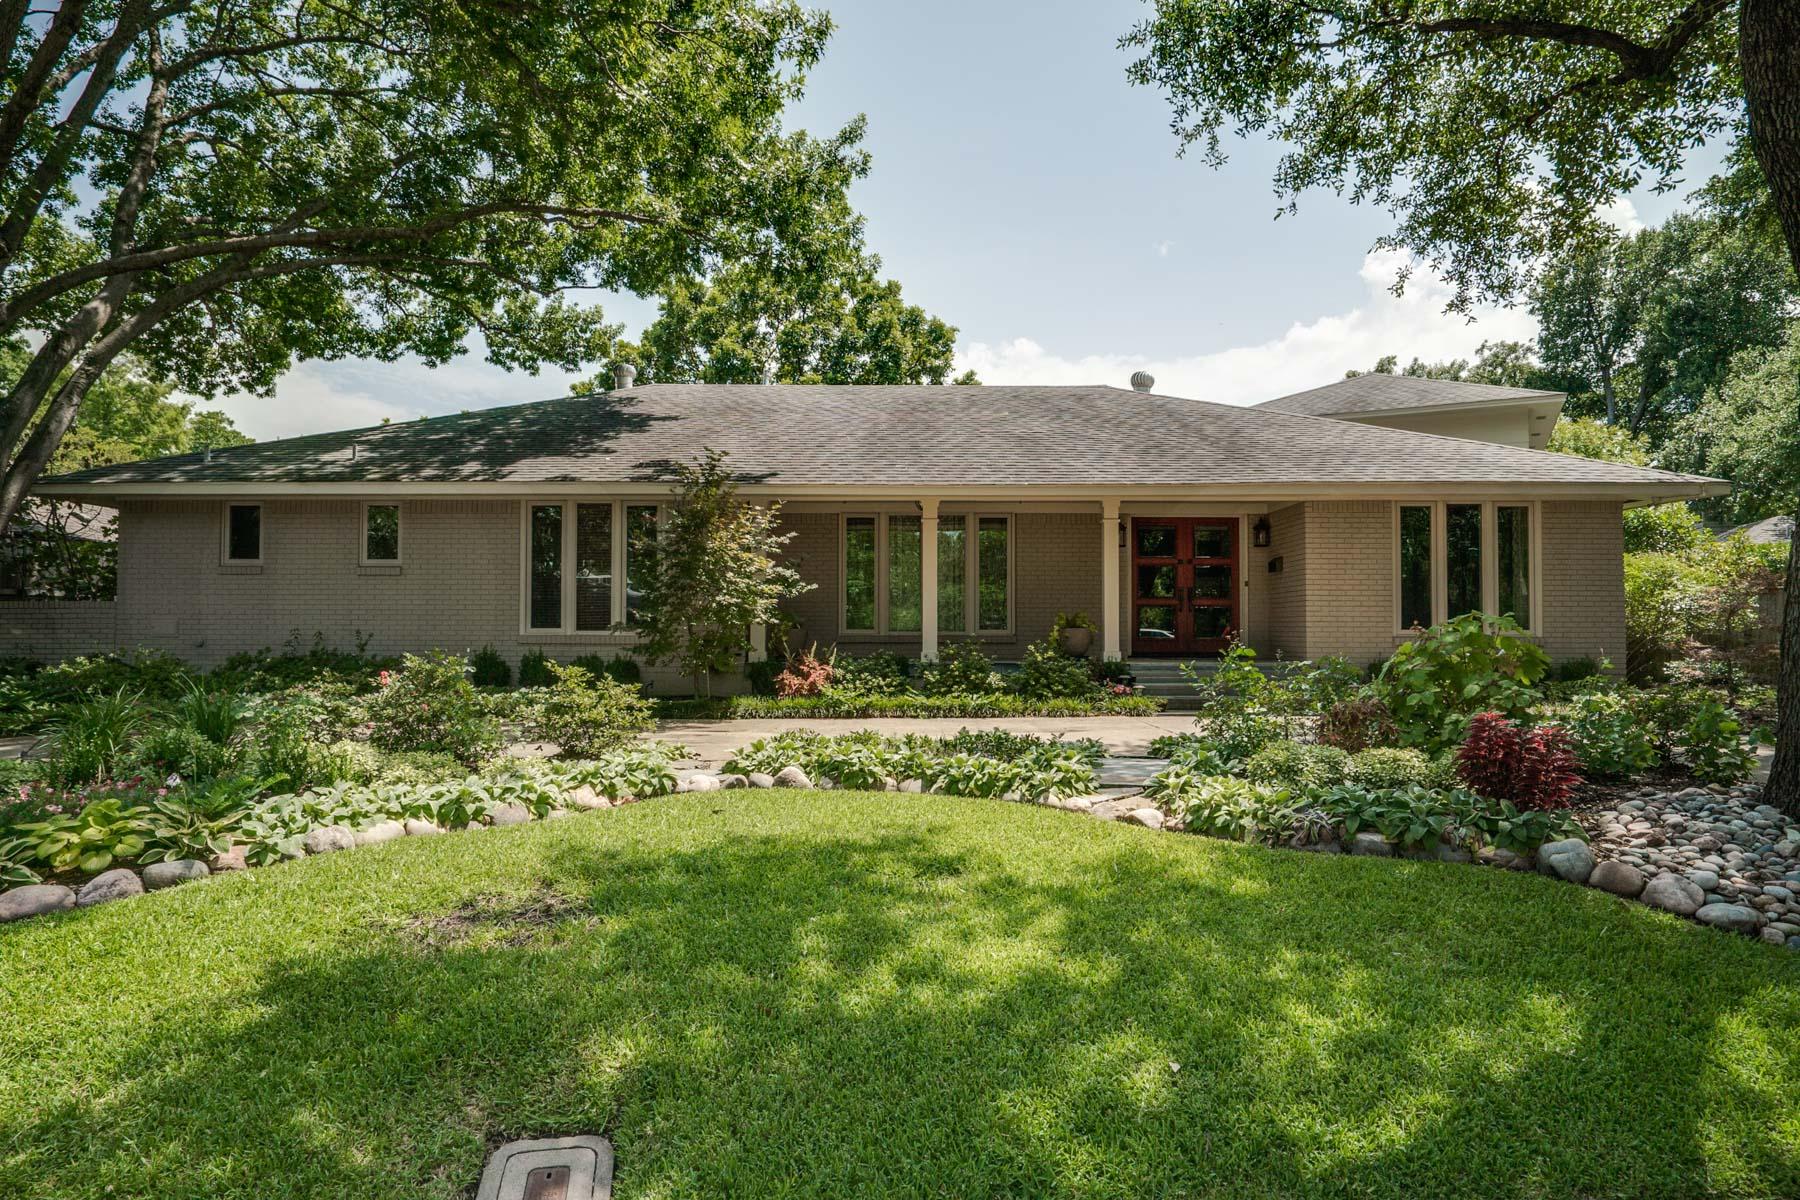 Maison unifamiliale pour l Vente à 5714 Surrey Square Lane, Dallas 5714 Surrey Square Ln Dallas, Texas, 75209 États-Unis